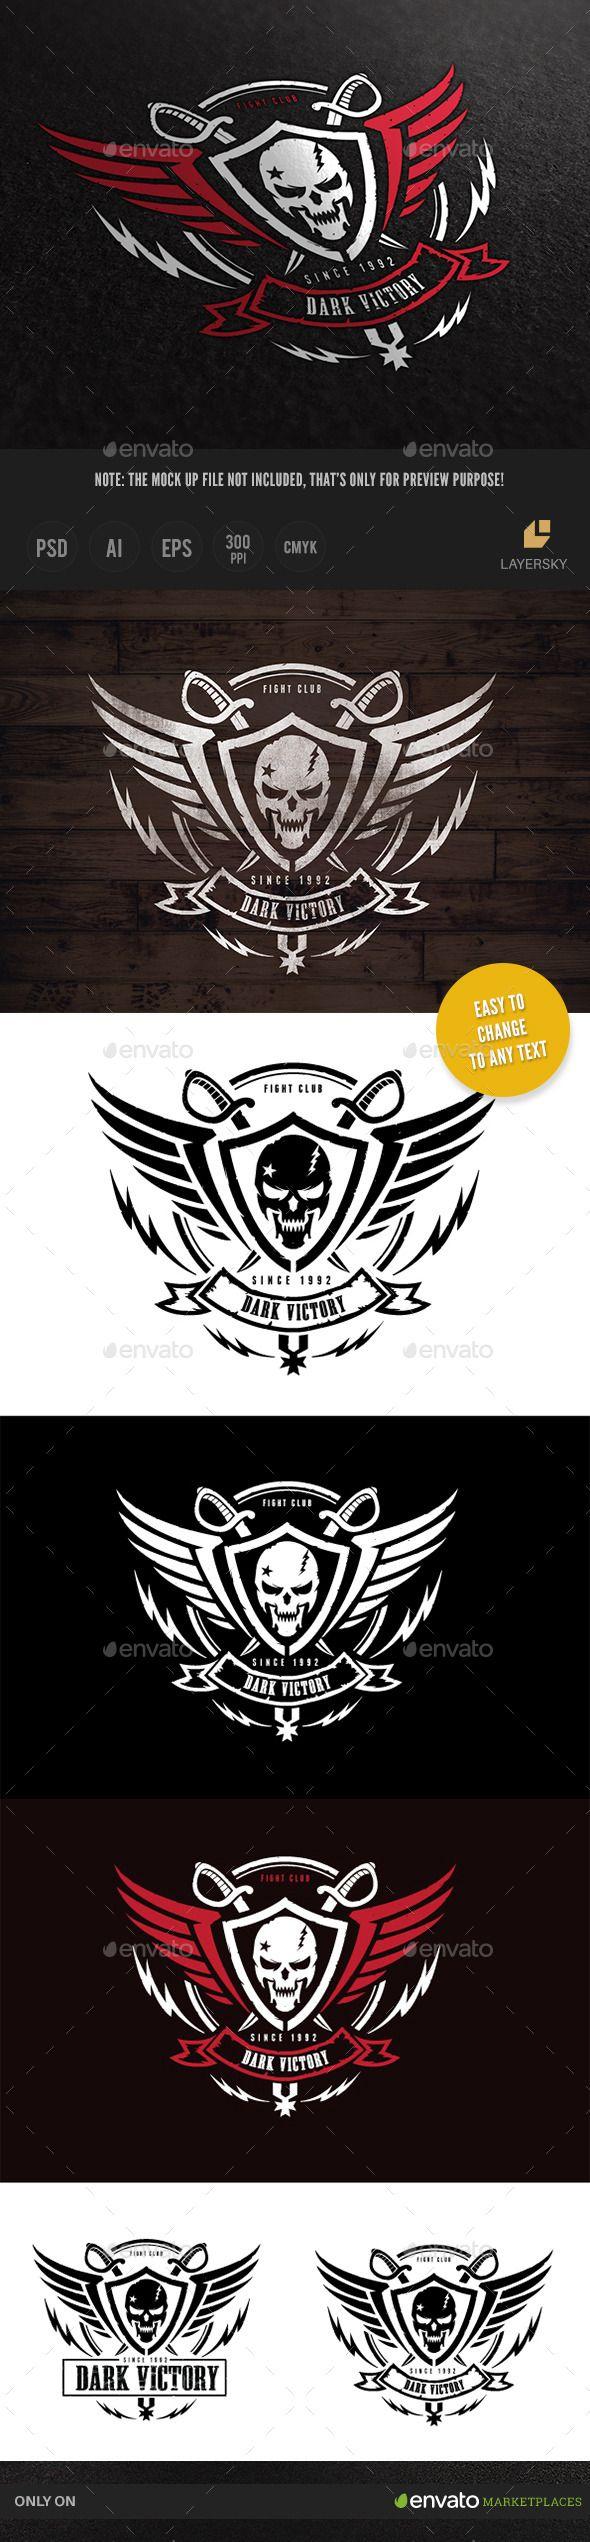 Dark Victory, skull logo